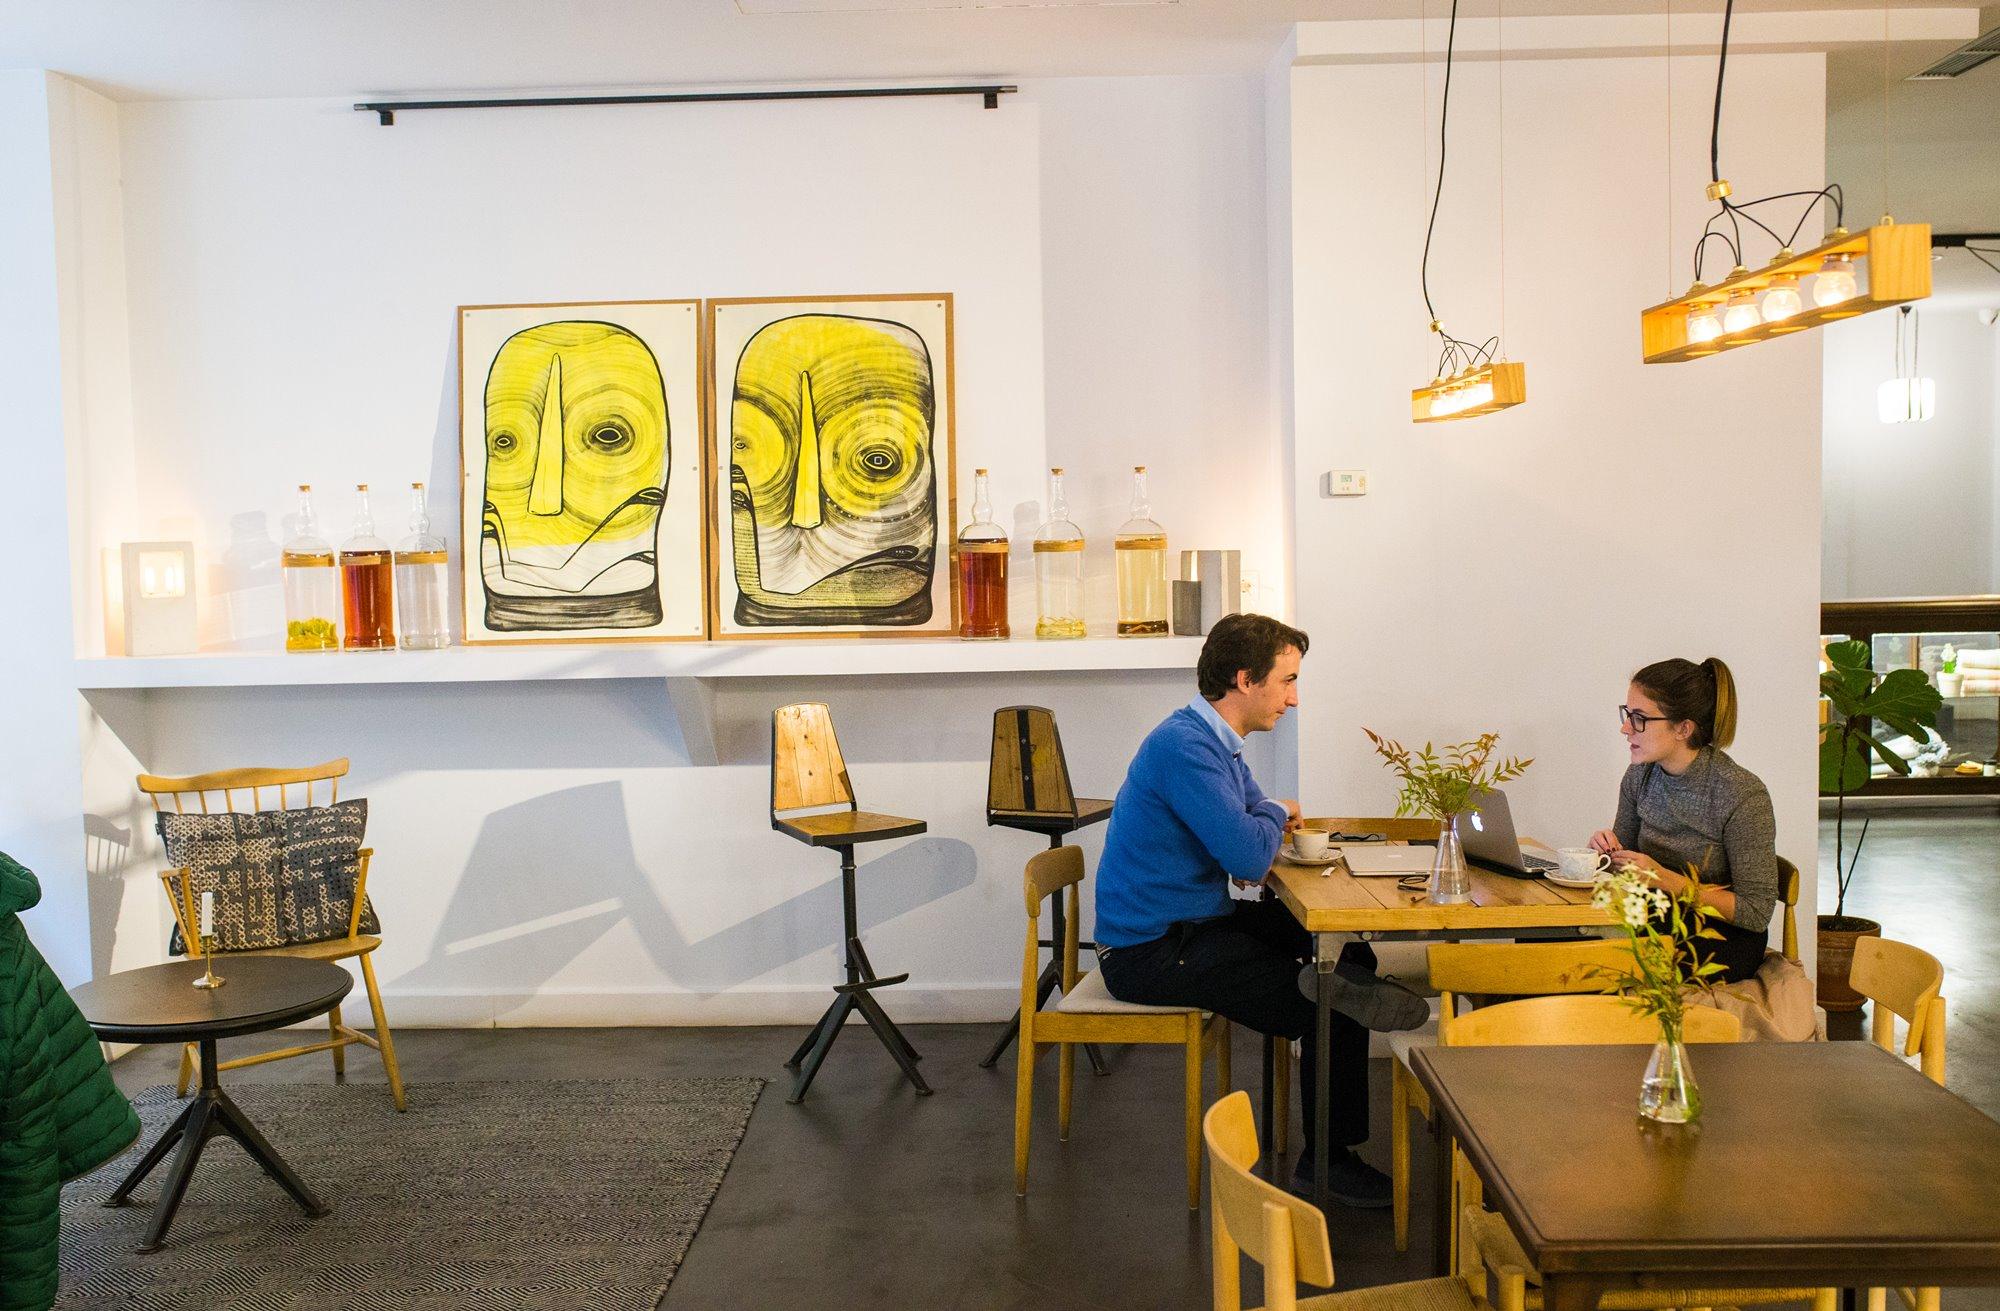 Arte moderno y canariedad en cada esquina. Foto: Máximo García de la Paz.